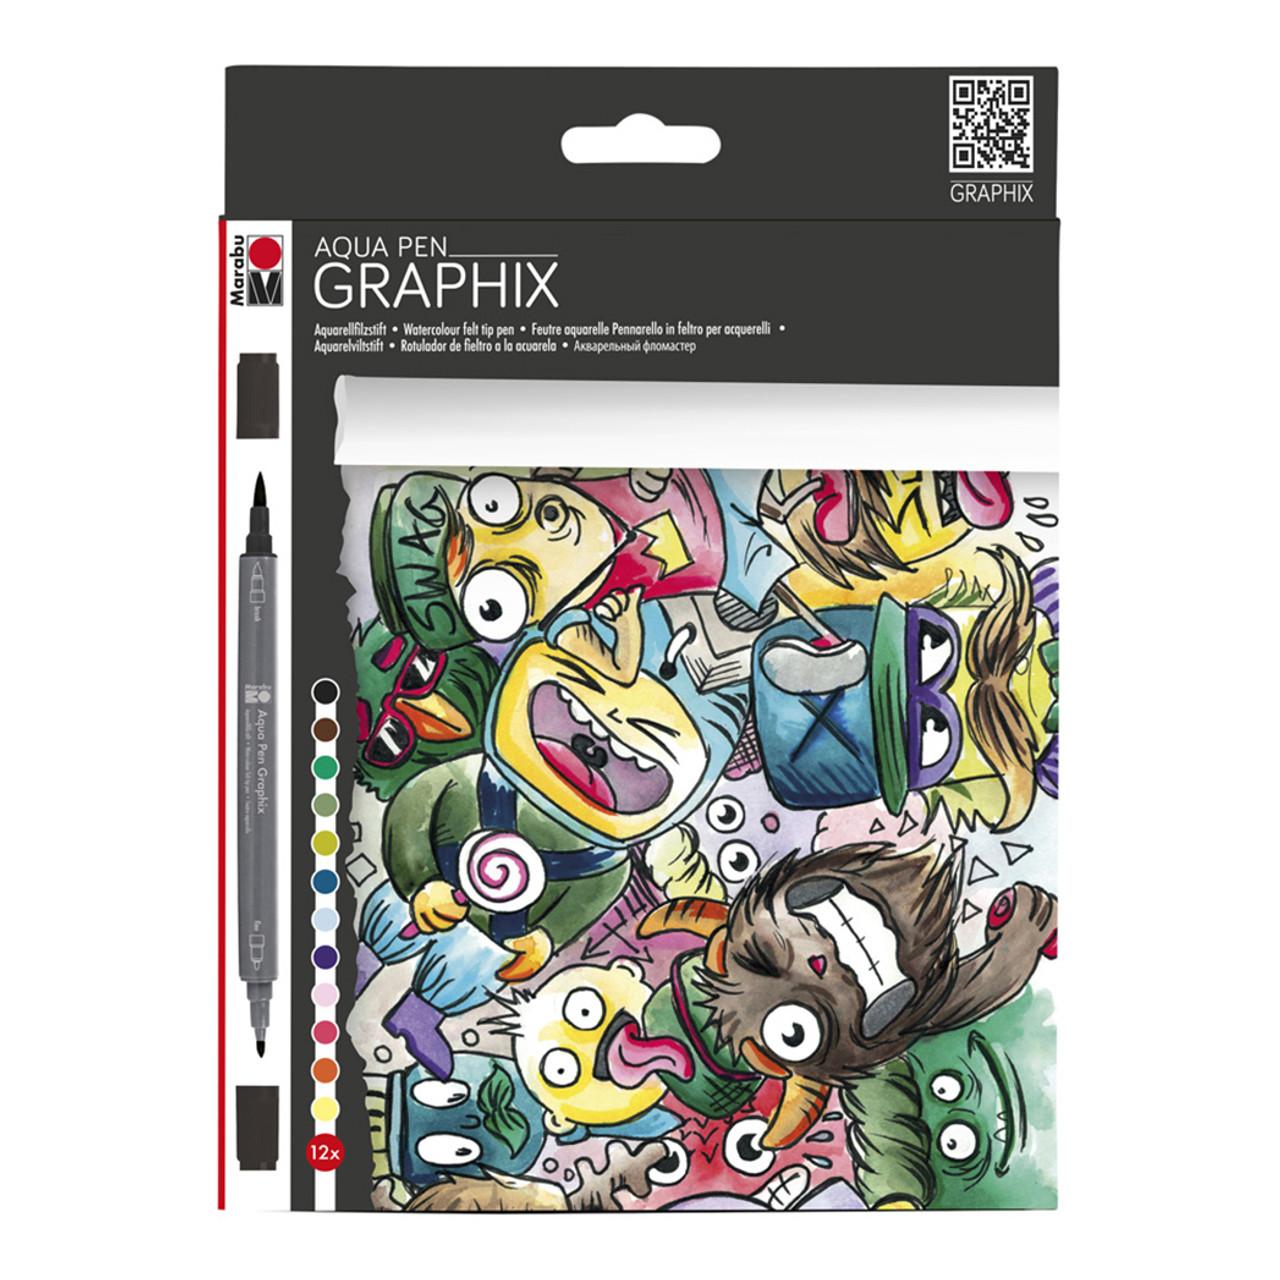 Graphix Aqua Pen Mega Mash 12pc Set